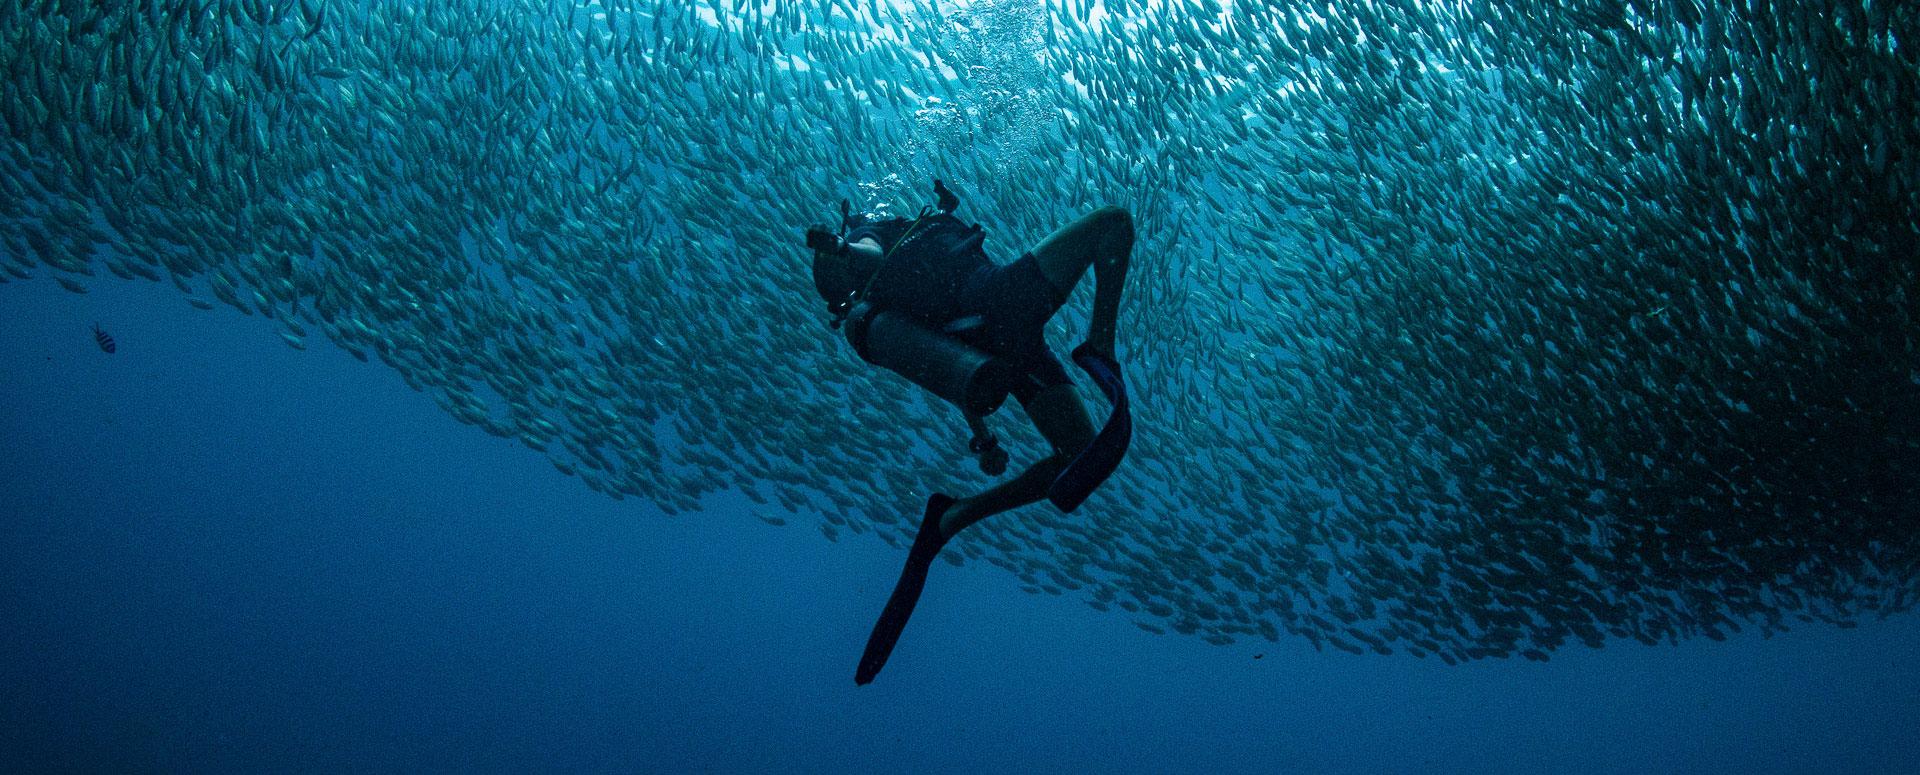 PADI Open Water Diver at Ban's Diving Koh Tao